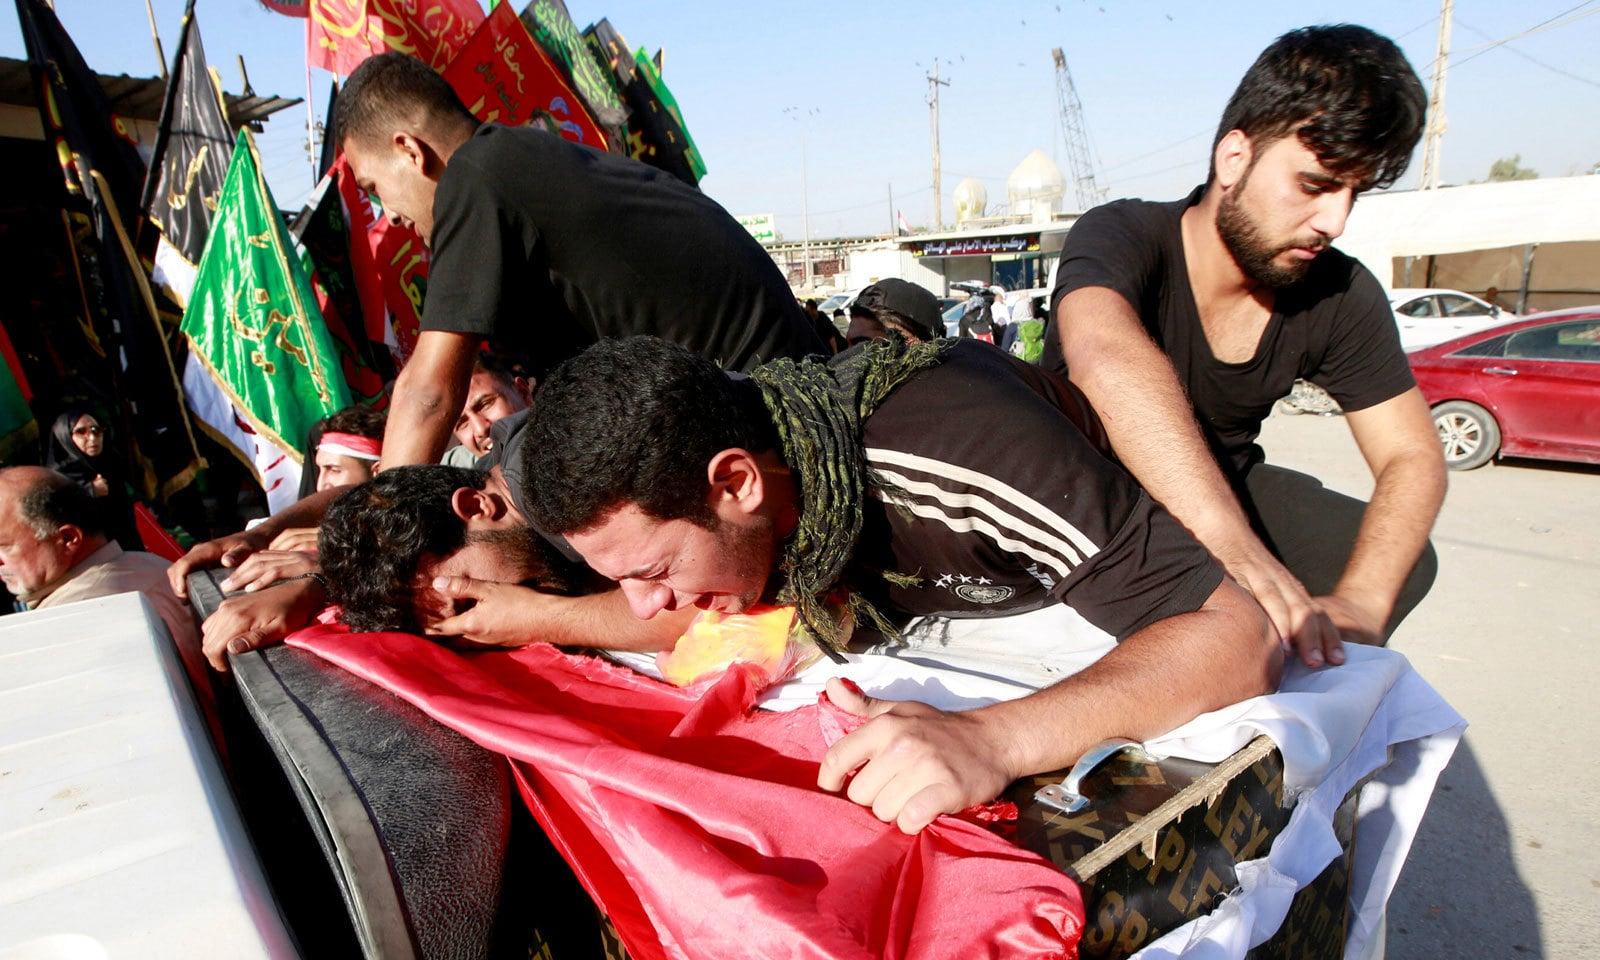 مظاہروں کے دوران تصام سے ہلاک ہونے والے ایک شخص کے عزیز صدمے سے رو رہے ہیں — فوٹو: رائٹرز